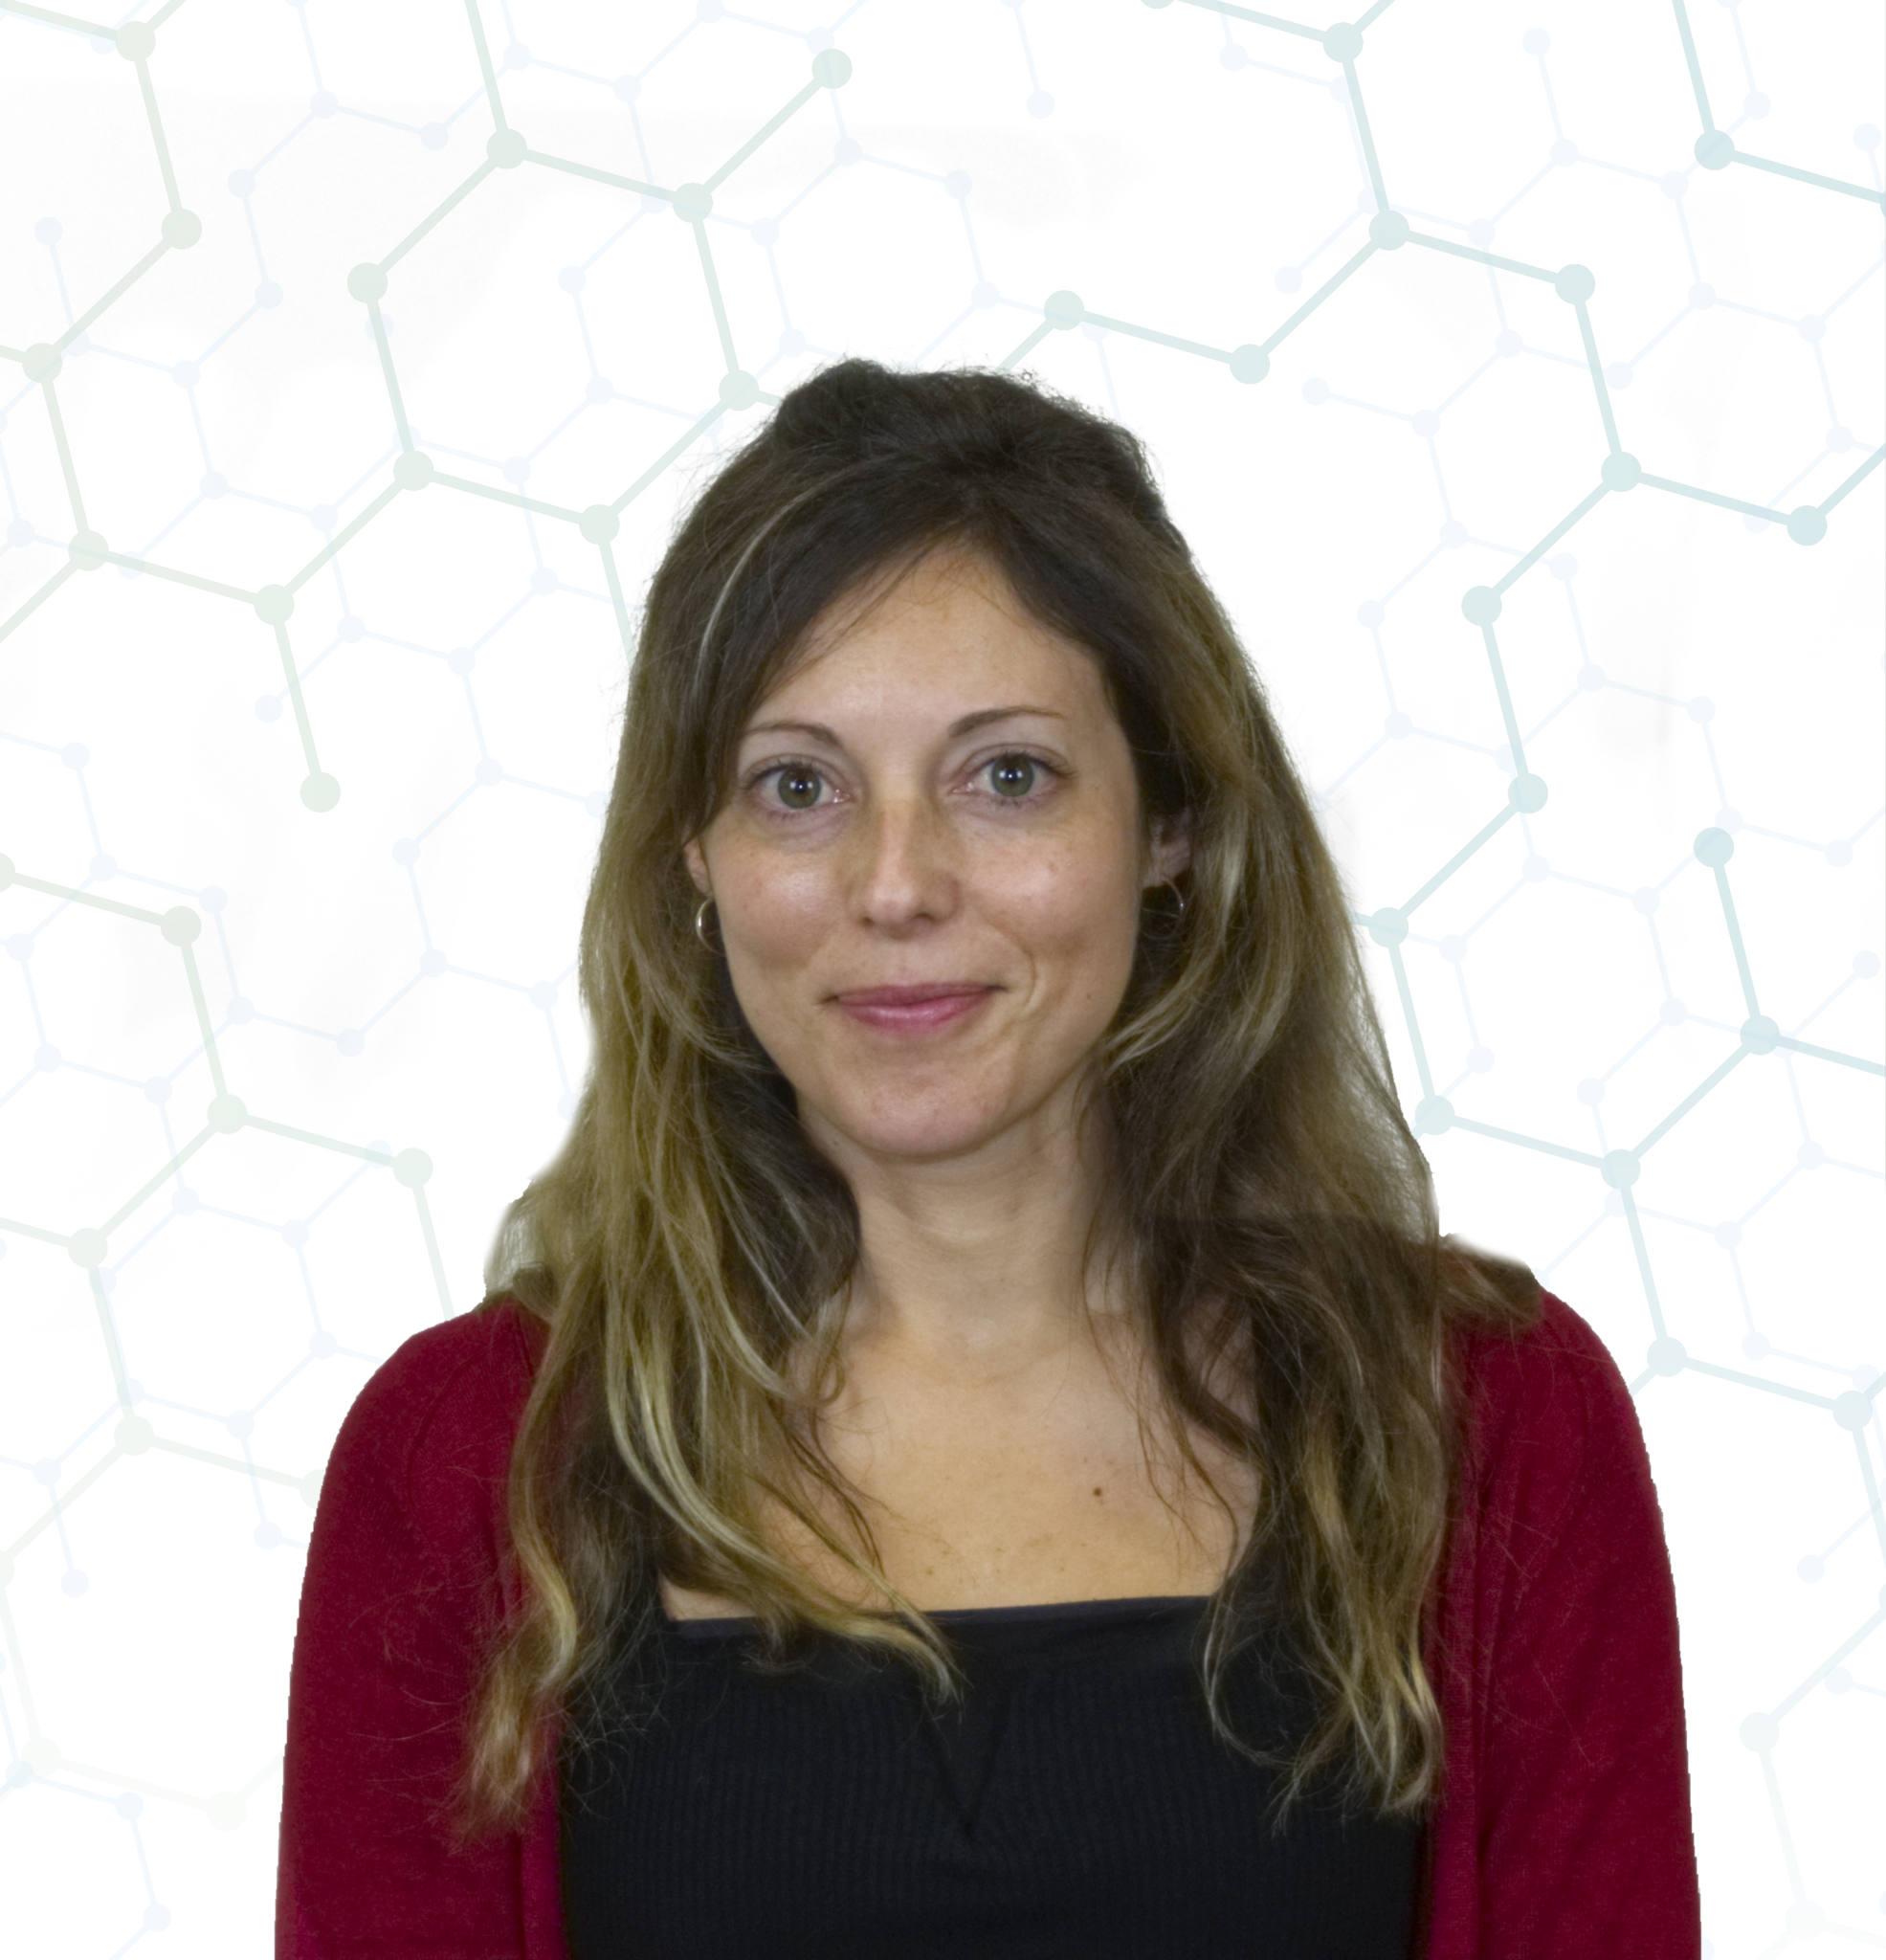 Alejandra Goldenberg